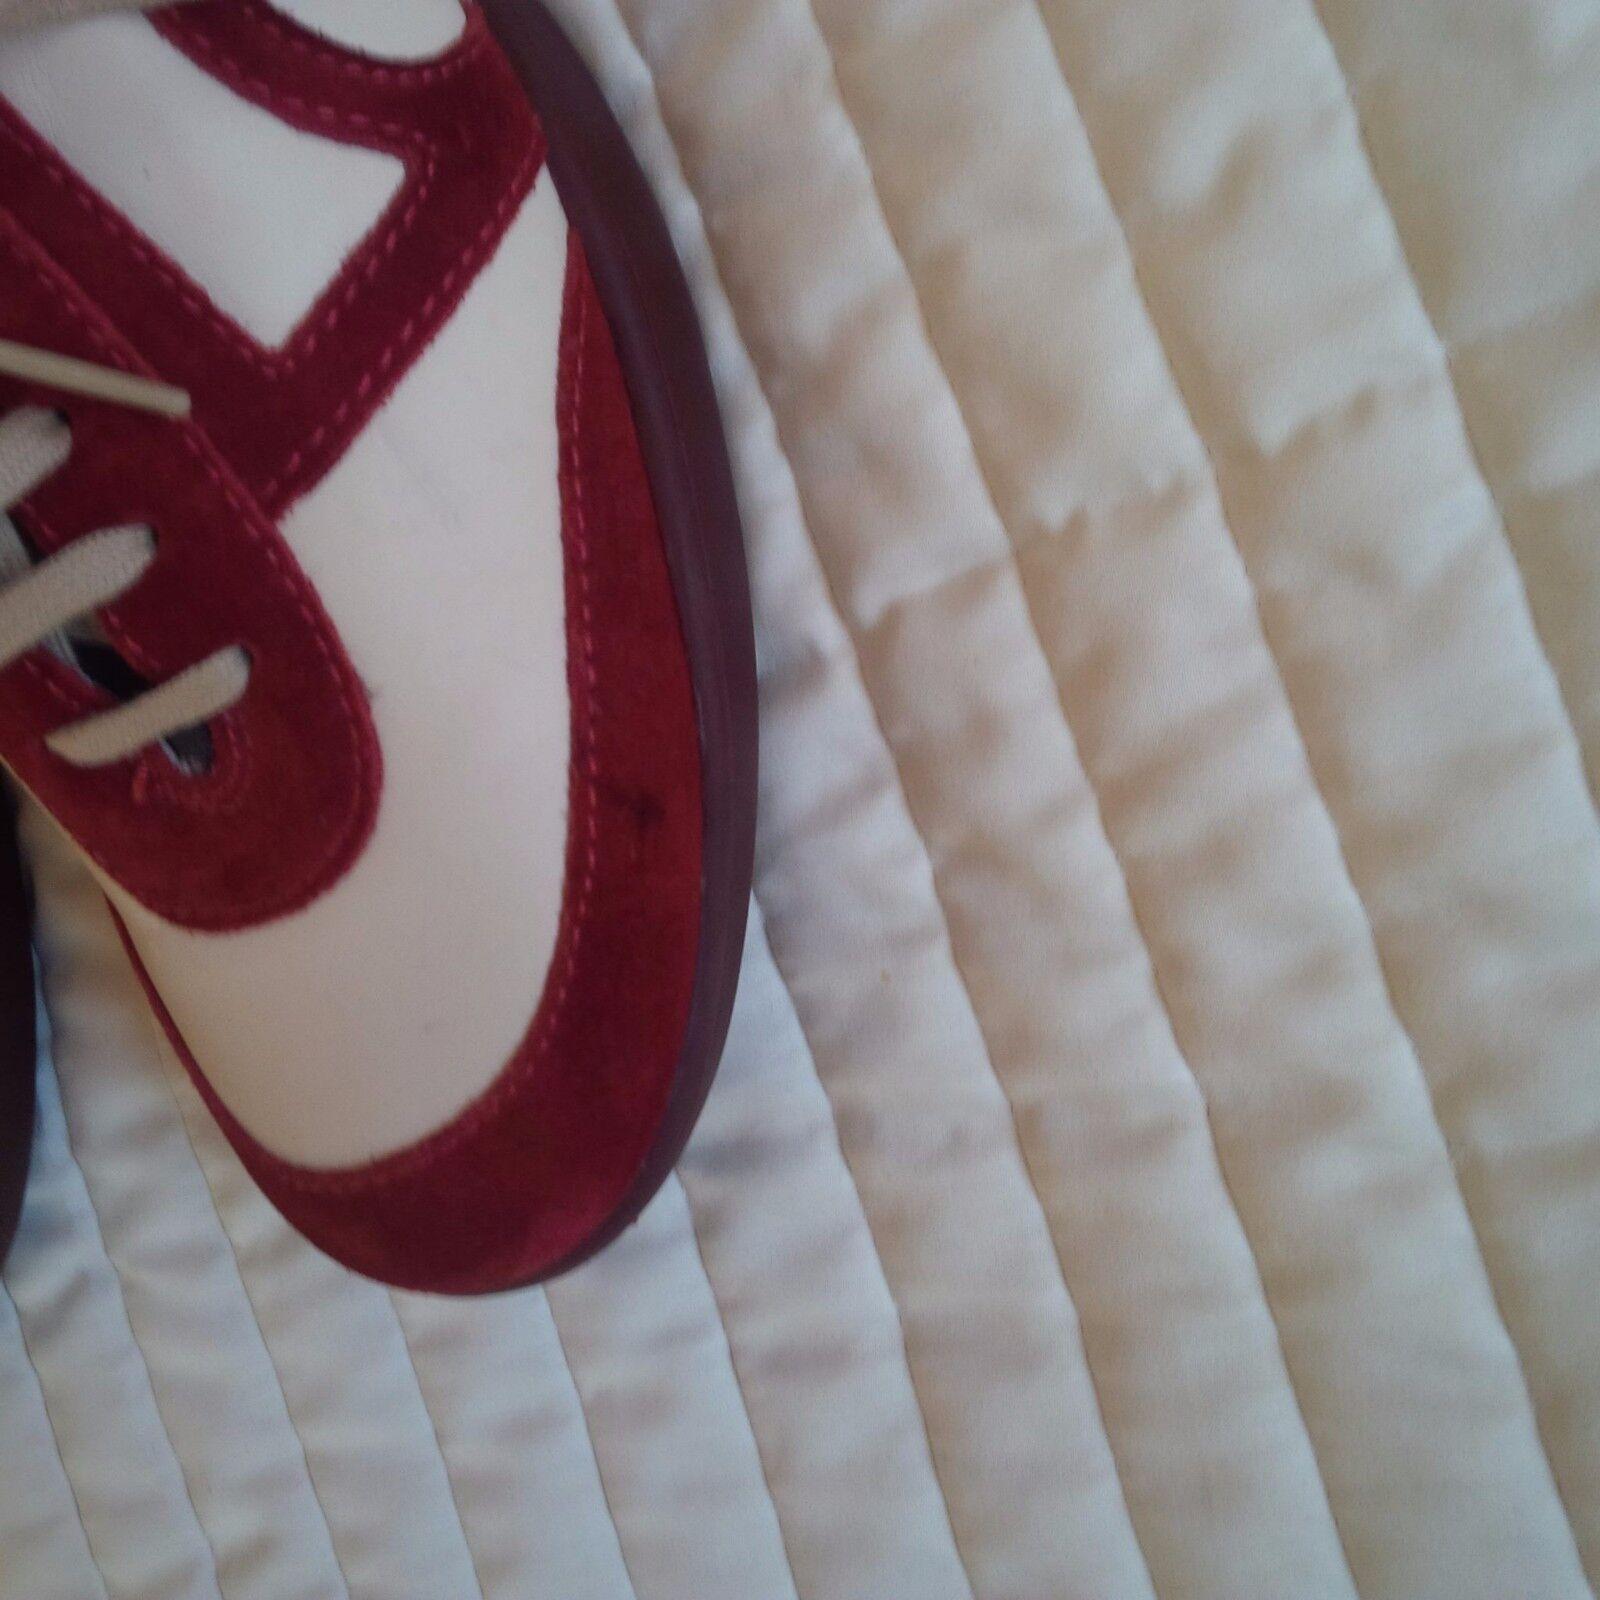 NUOVE Scarpe Camper Pelle Da Scamosciata Scarpe Da Pelle Ginnastica Rosso Crema Misura 5 0f075f